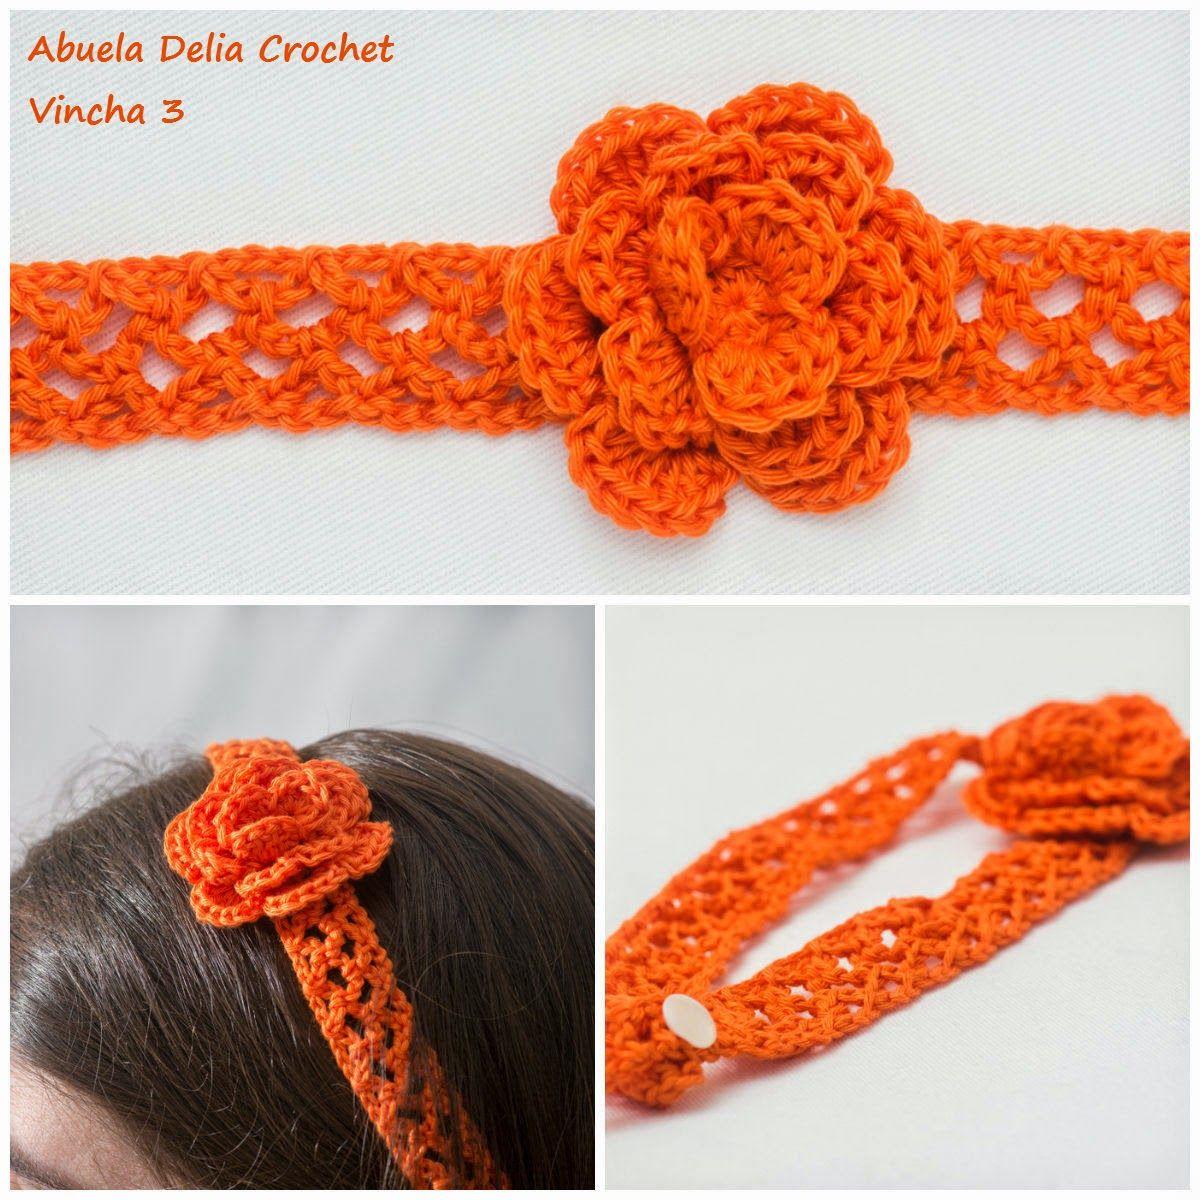 Vinchas para el cabello en Crochet | Para las chicas | Croché ...